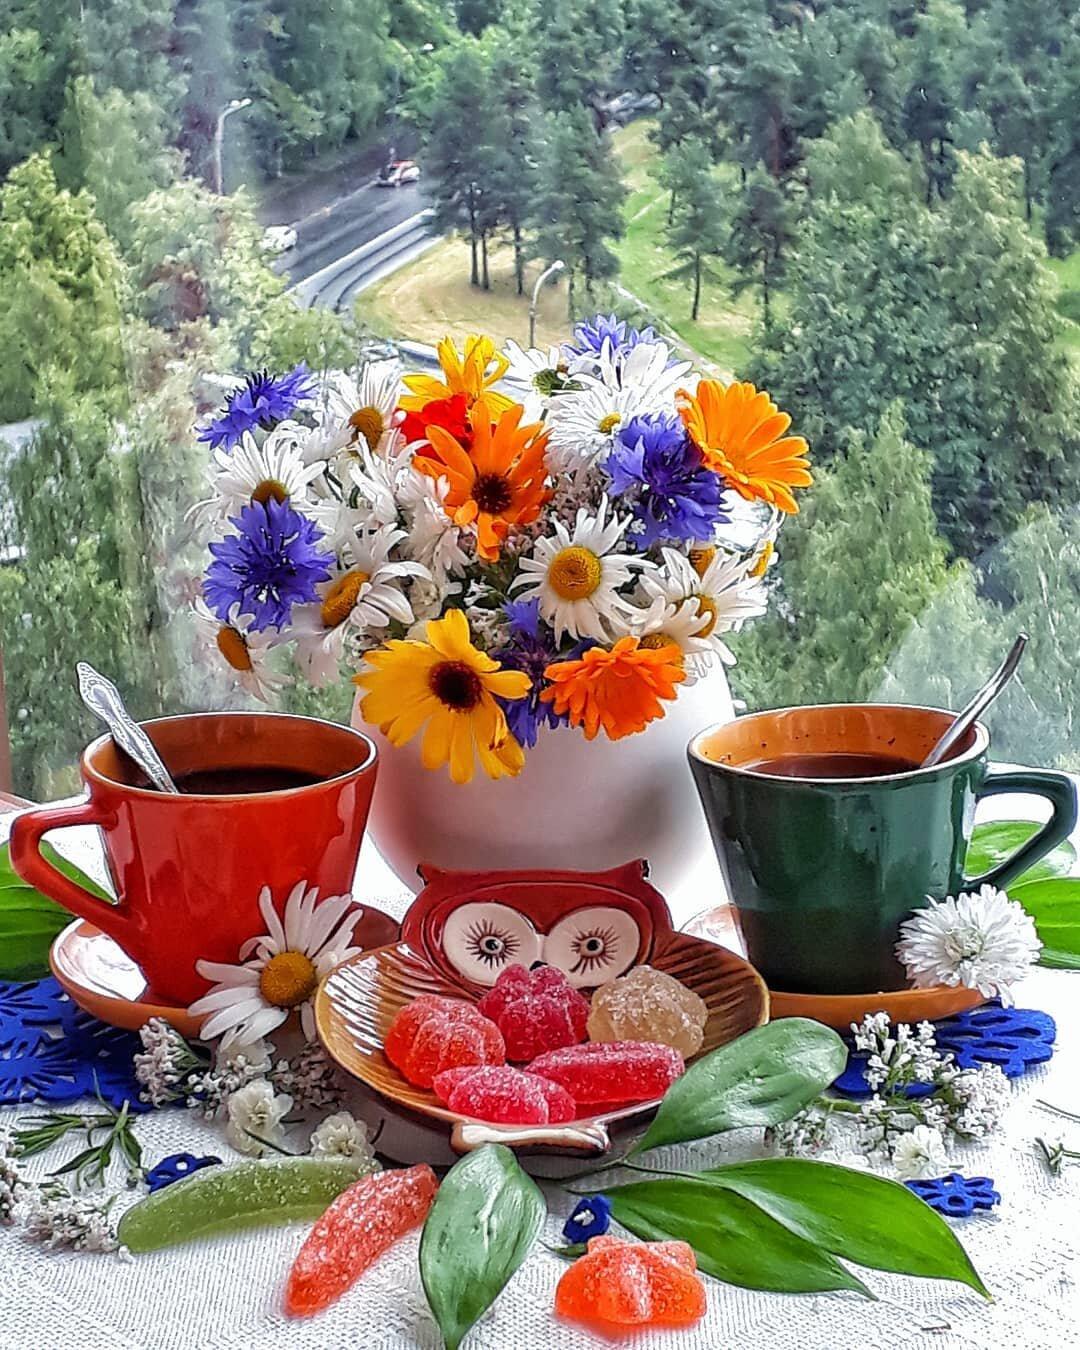 днях картинки доброго утра друзья среда лето меня немного то